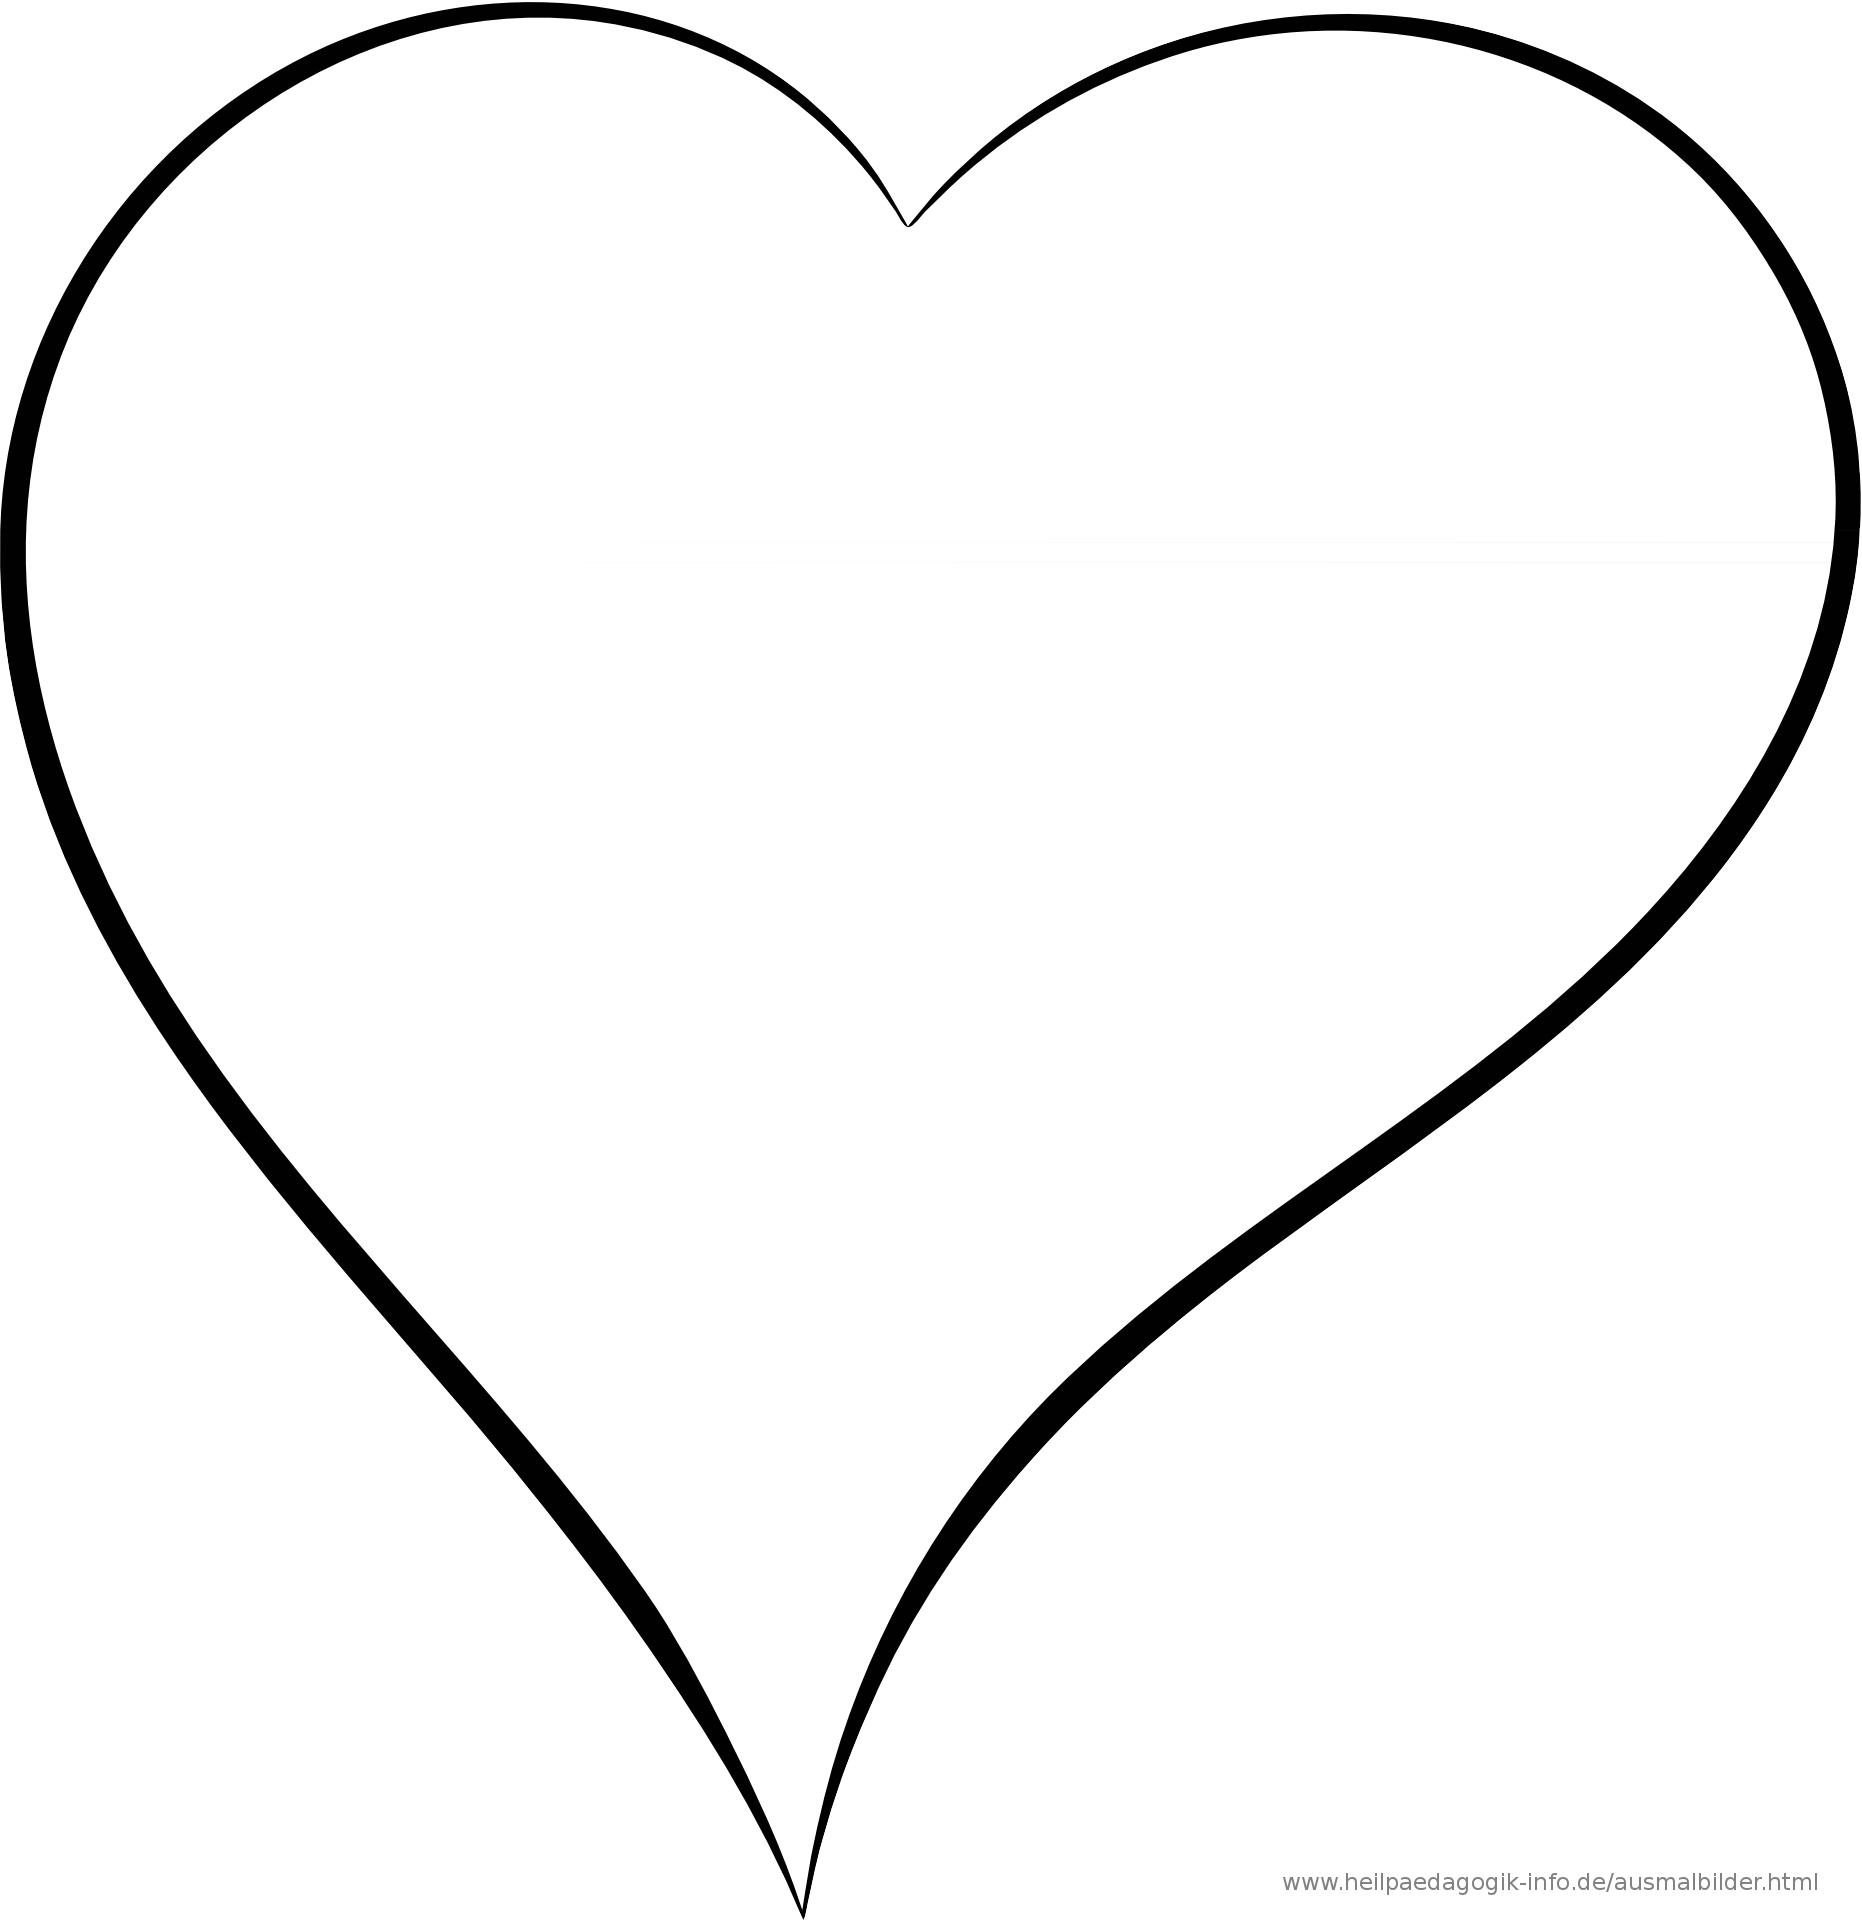 Frisch Herz Ausmalbilder Malvorlagen Malvorlagenfurkinder Malvorlagenfurerwachsene Malvorlagen Herz Vorlage Herz Malvorlage